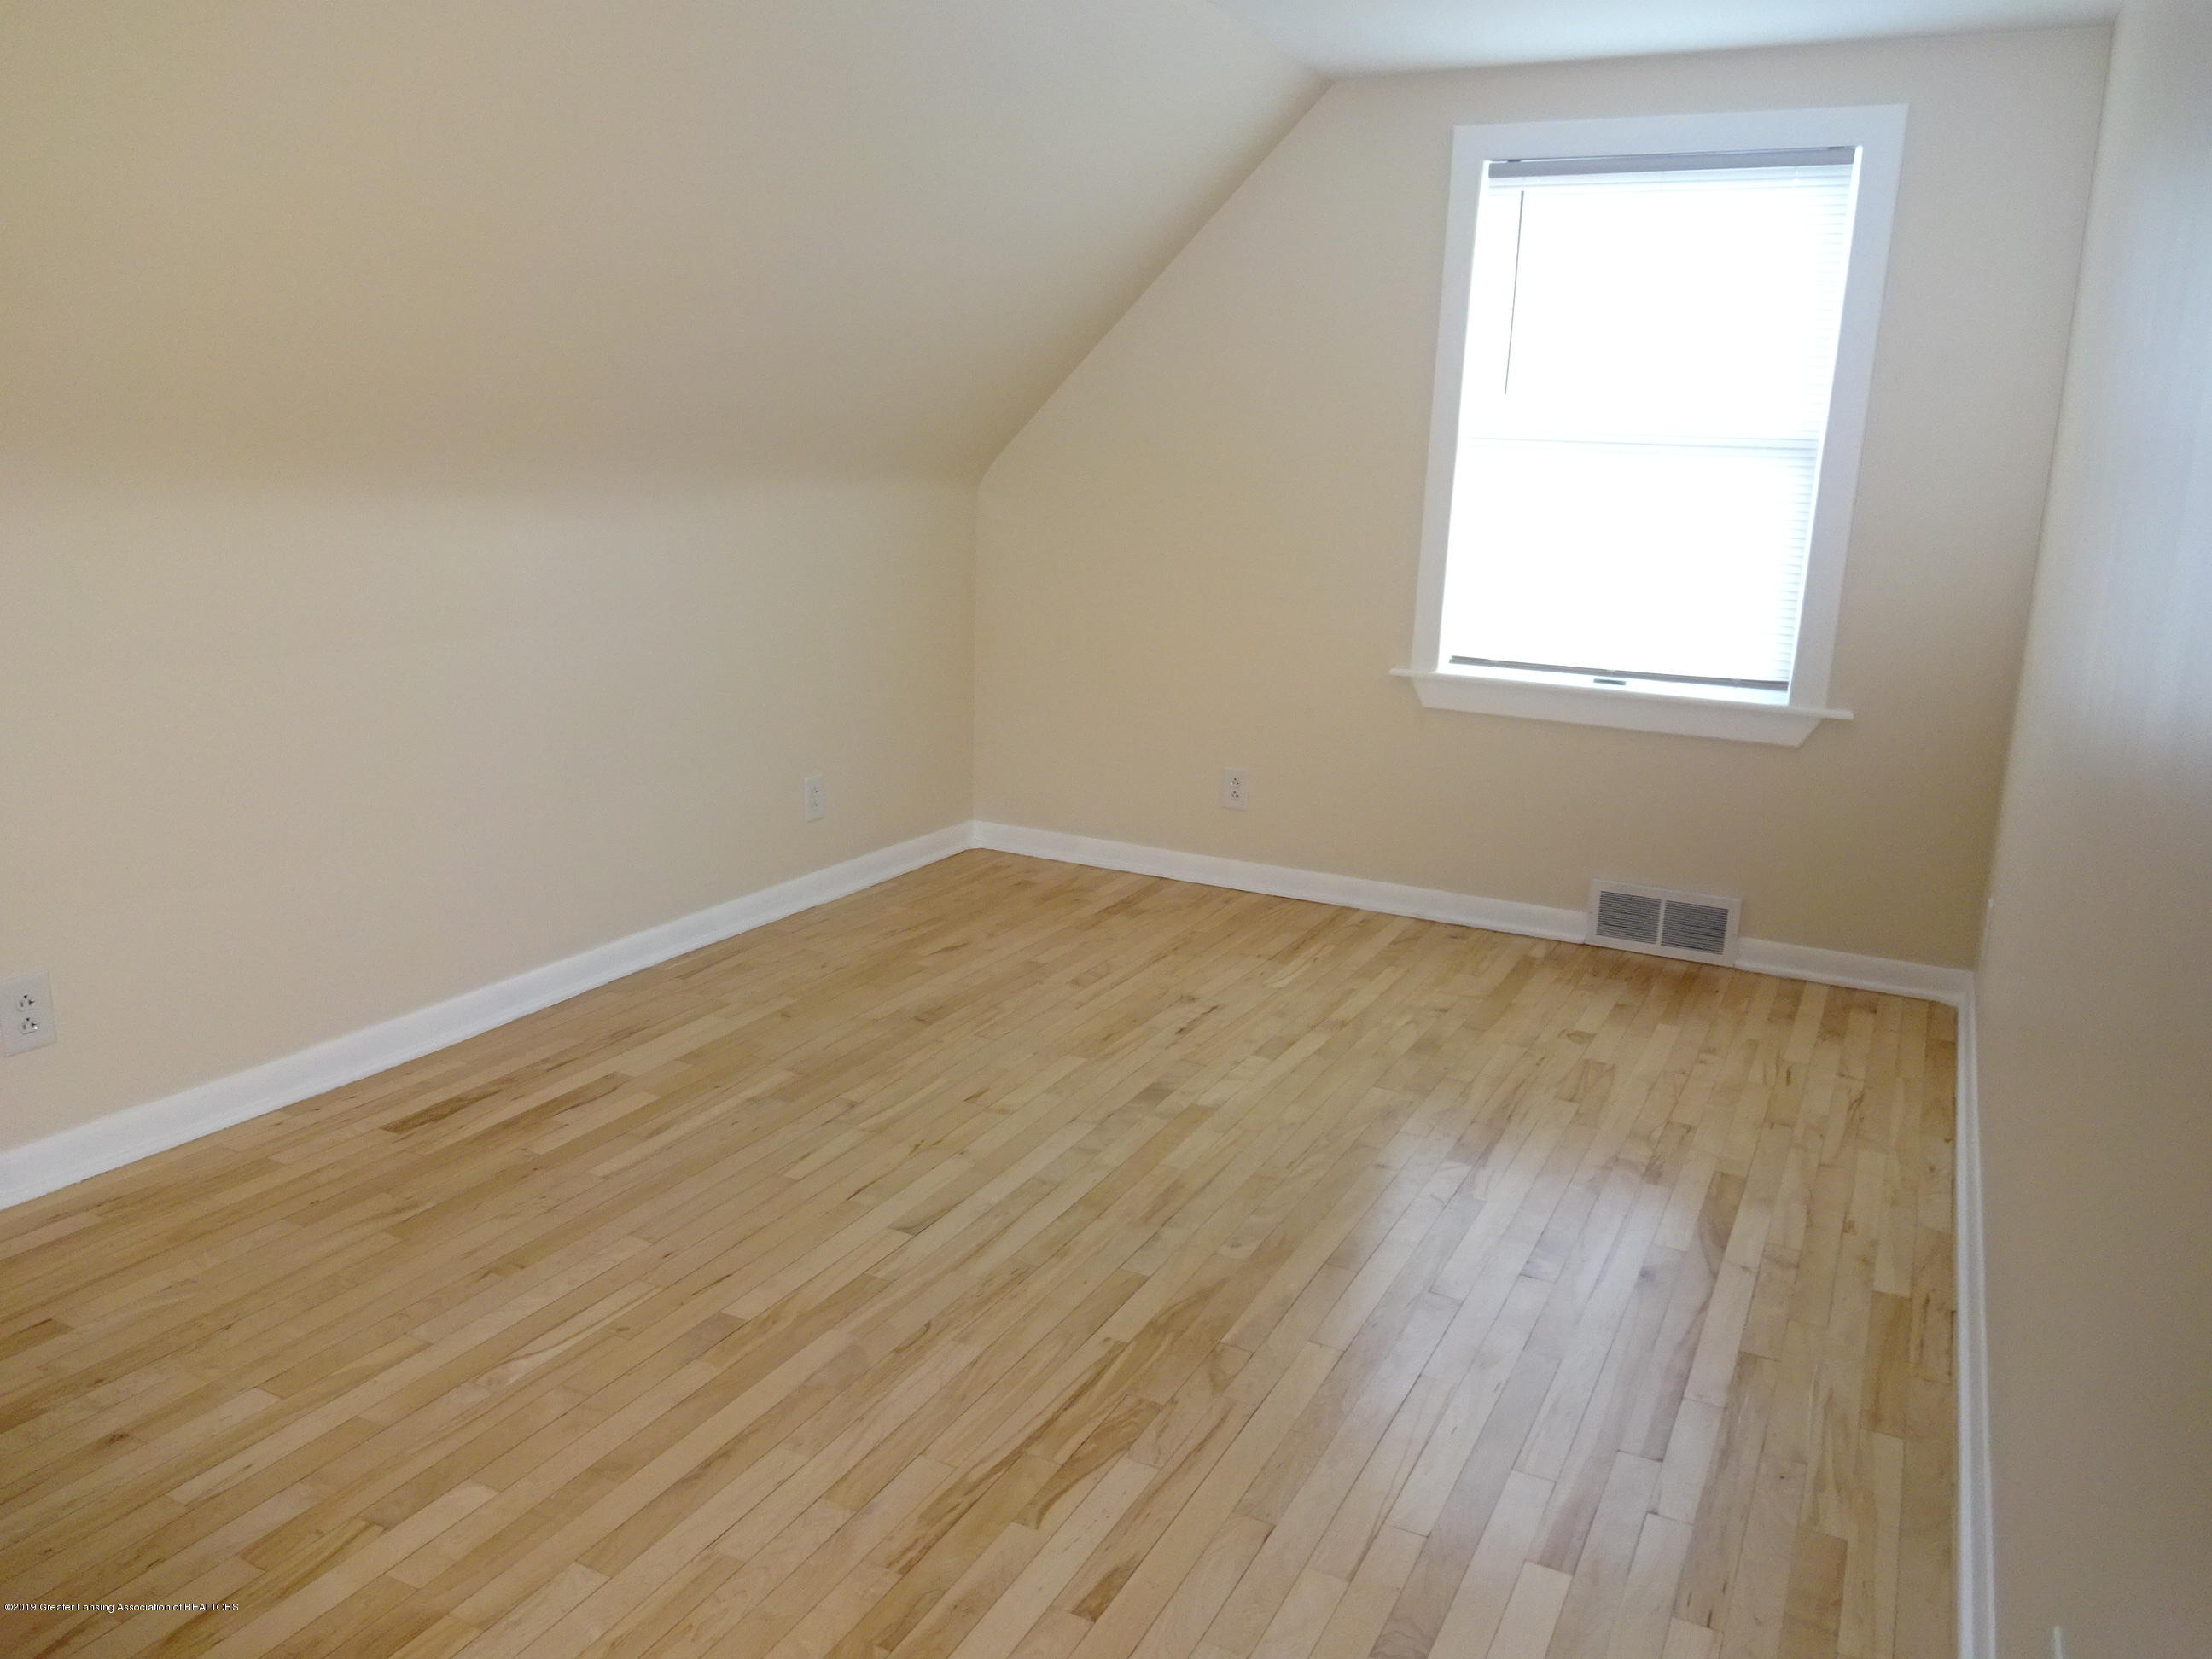 4632 Old Lansing Rd - old lansing rd bedroom 3 - 9